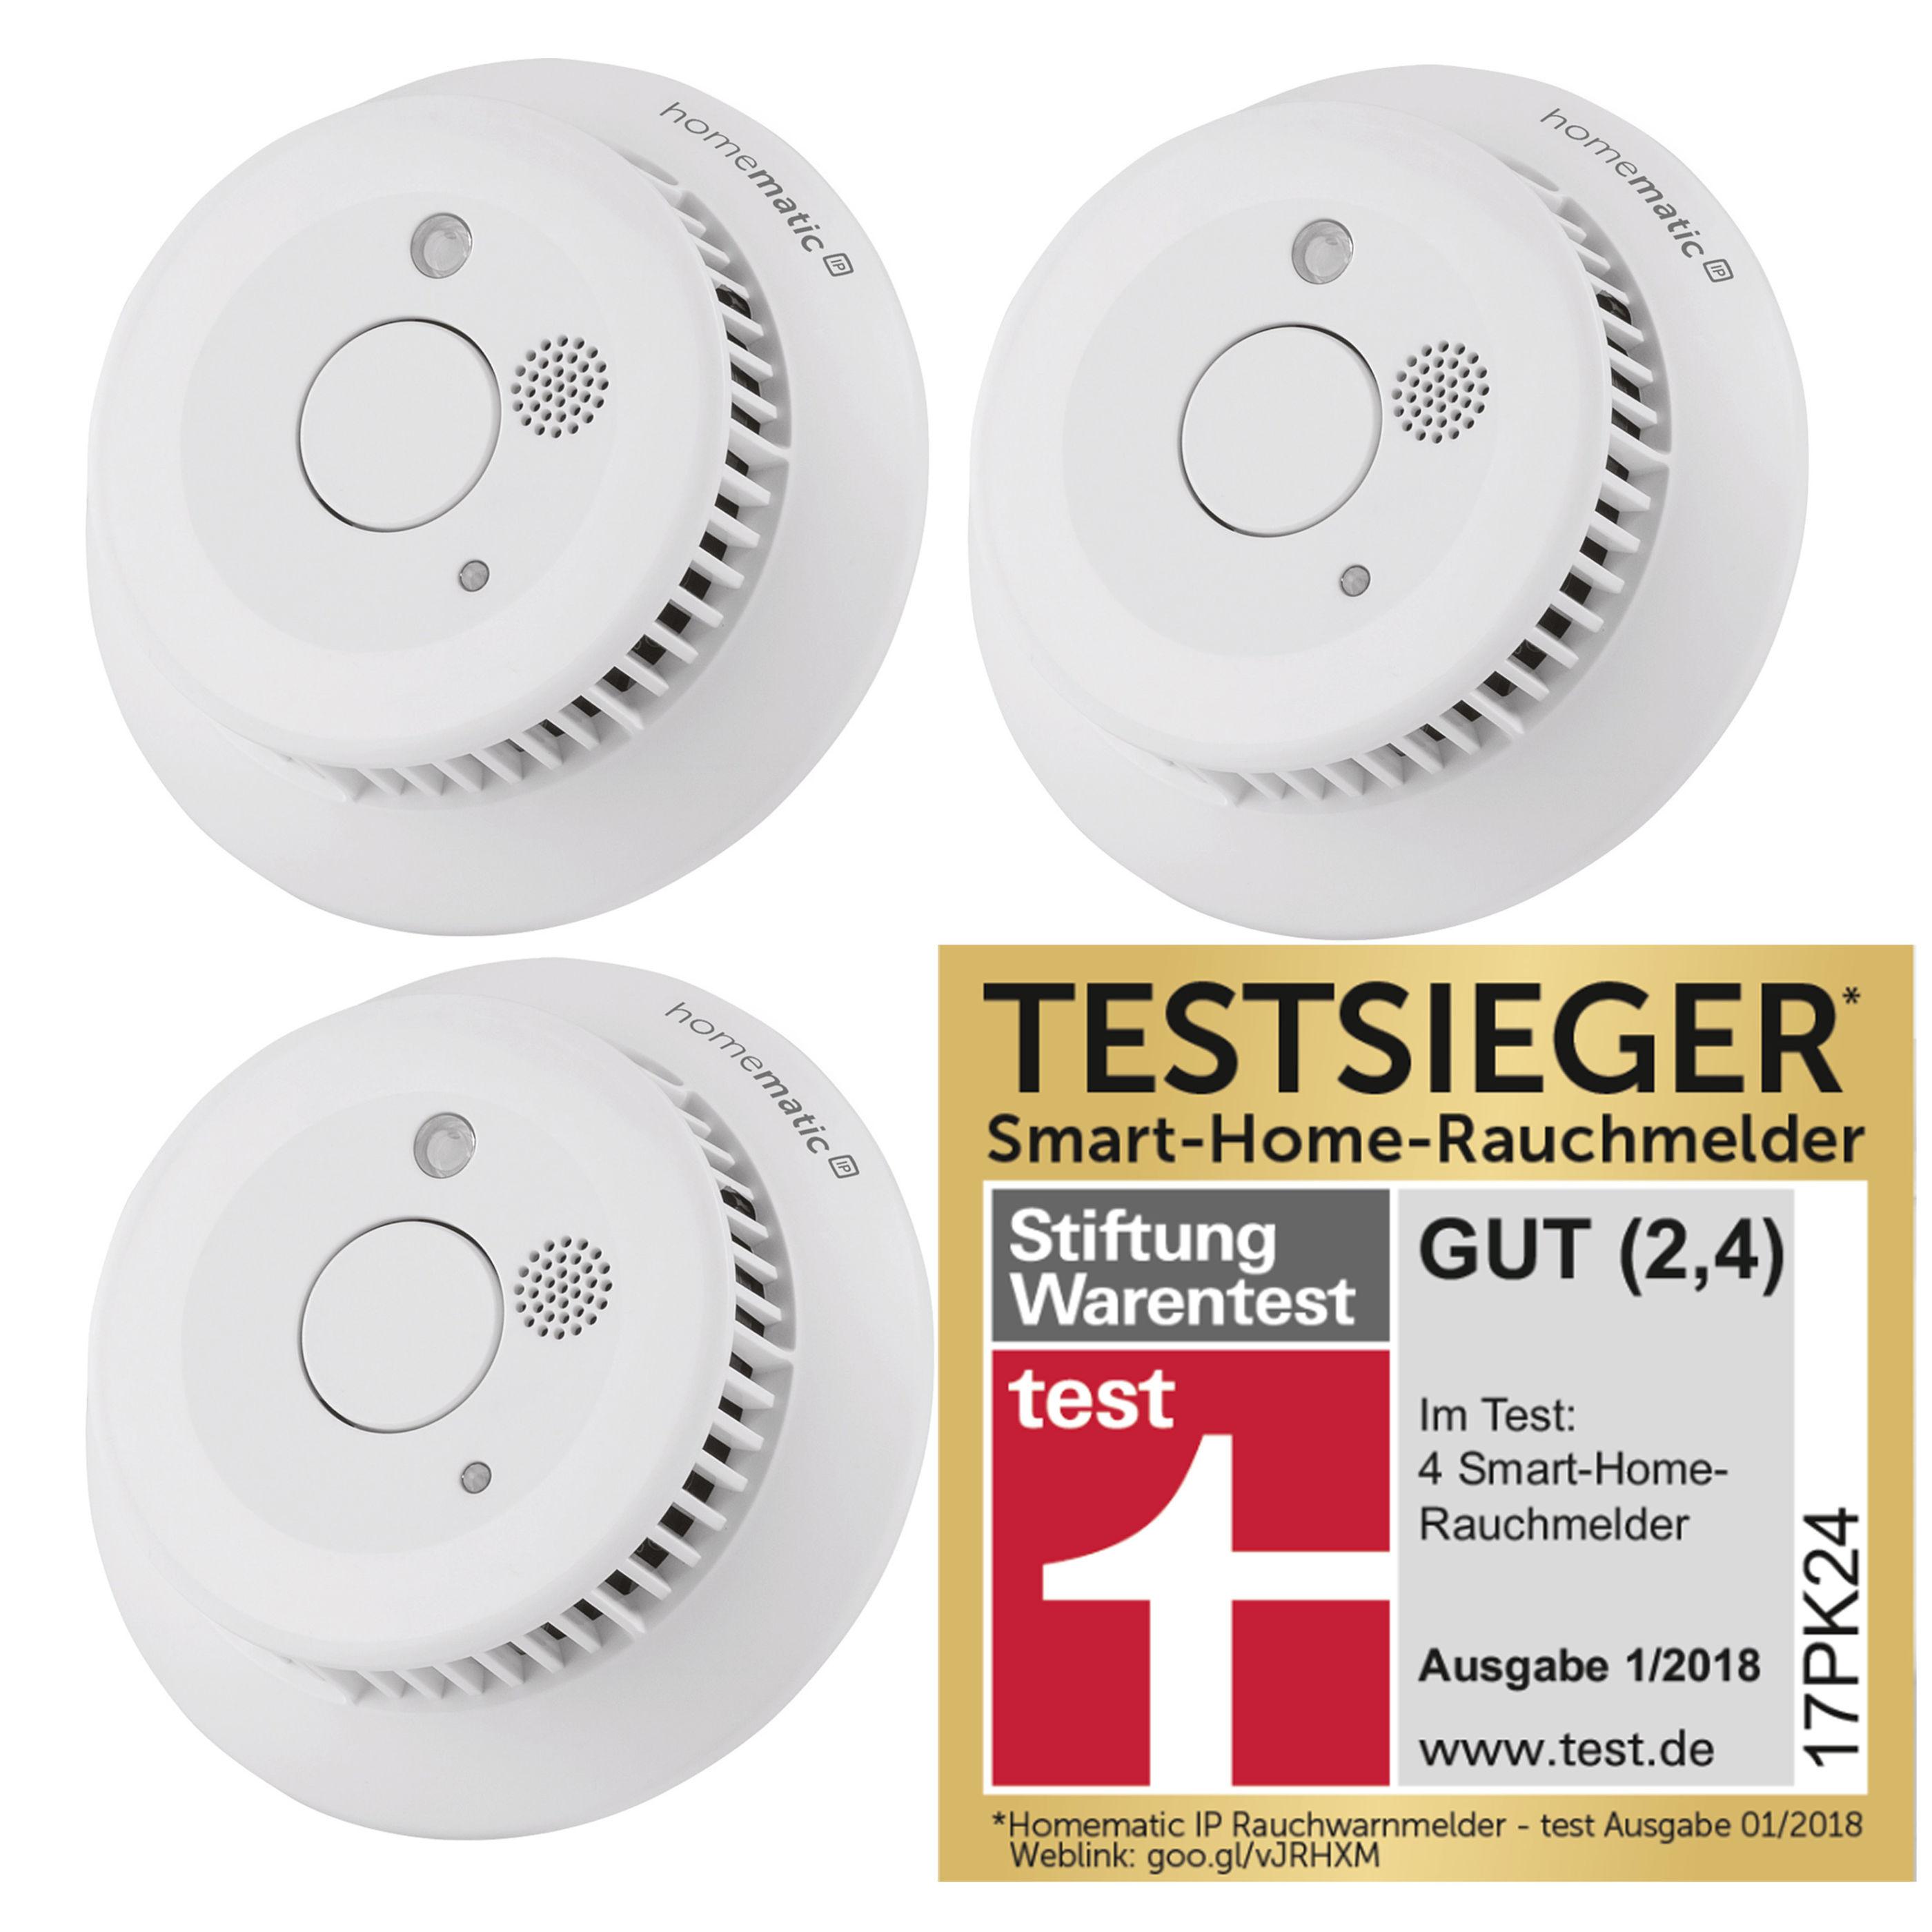 Homematic IP Rauchwarnmelder 3er Set - 99,99 mit Masterpass / 129,99 ohne Masterpass